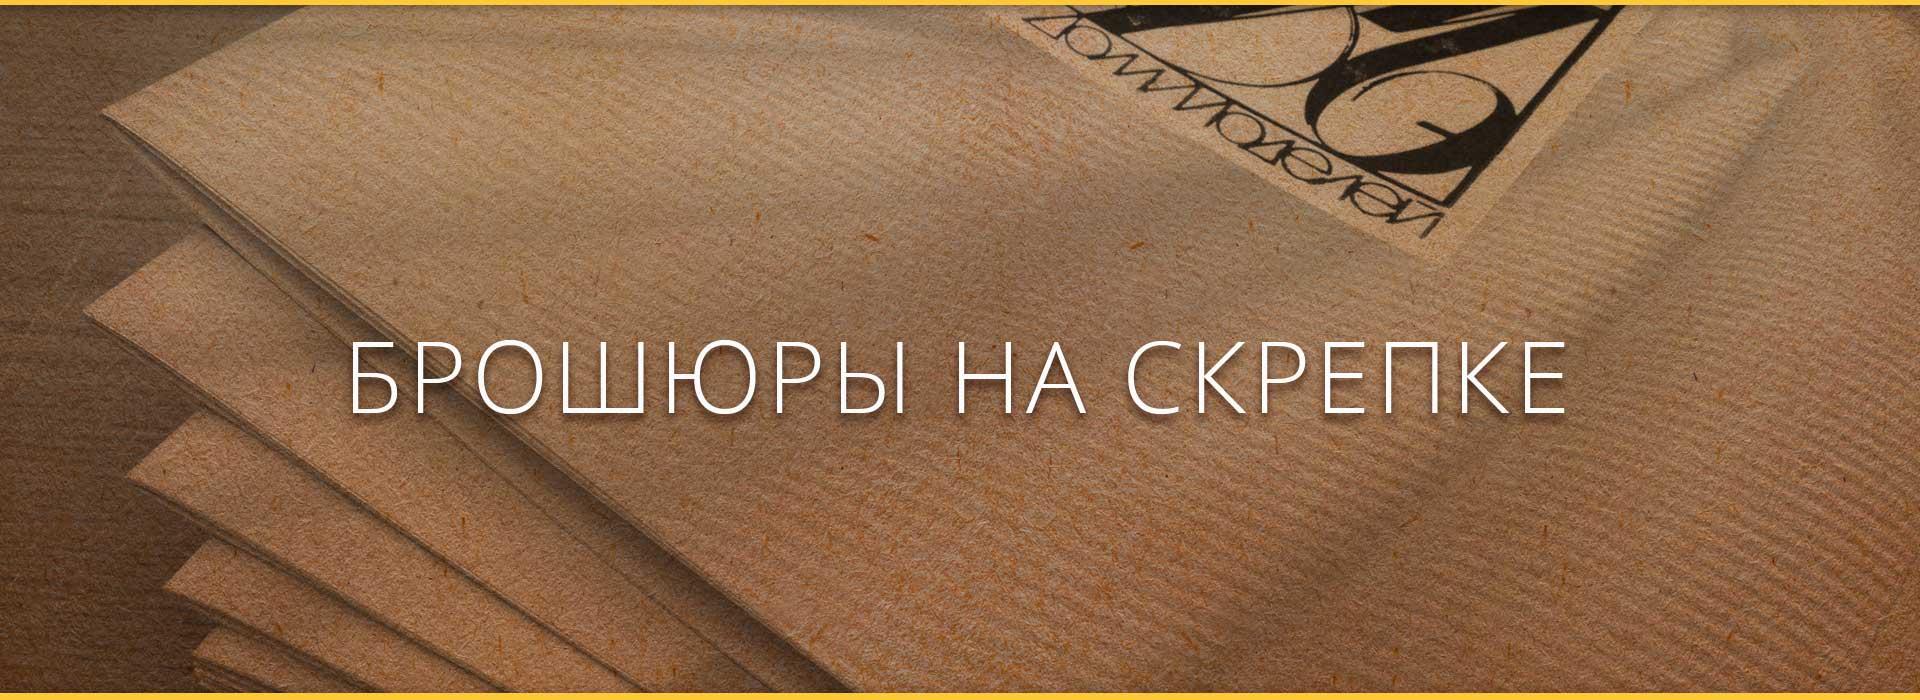 Печать брошюр на скрепке в типографии «Nice-Book»